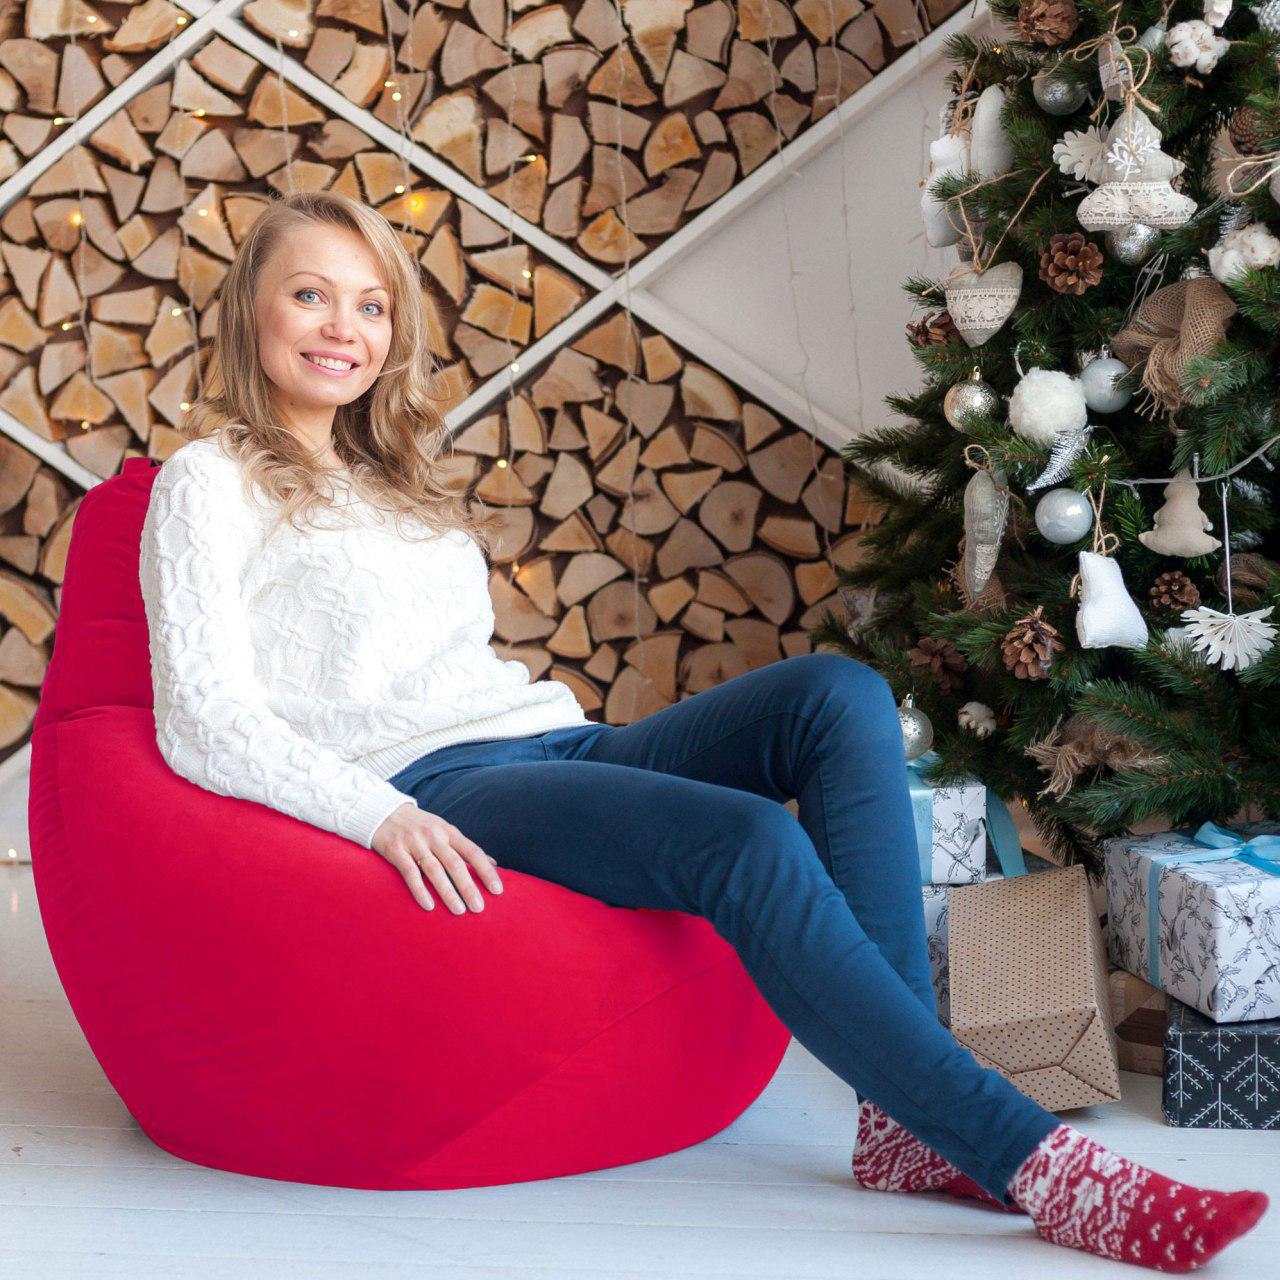 Кресла-мешки и пуфы с чехлом из мебельной обивочной ткани в интернет-магазине Декор Базар